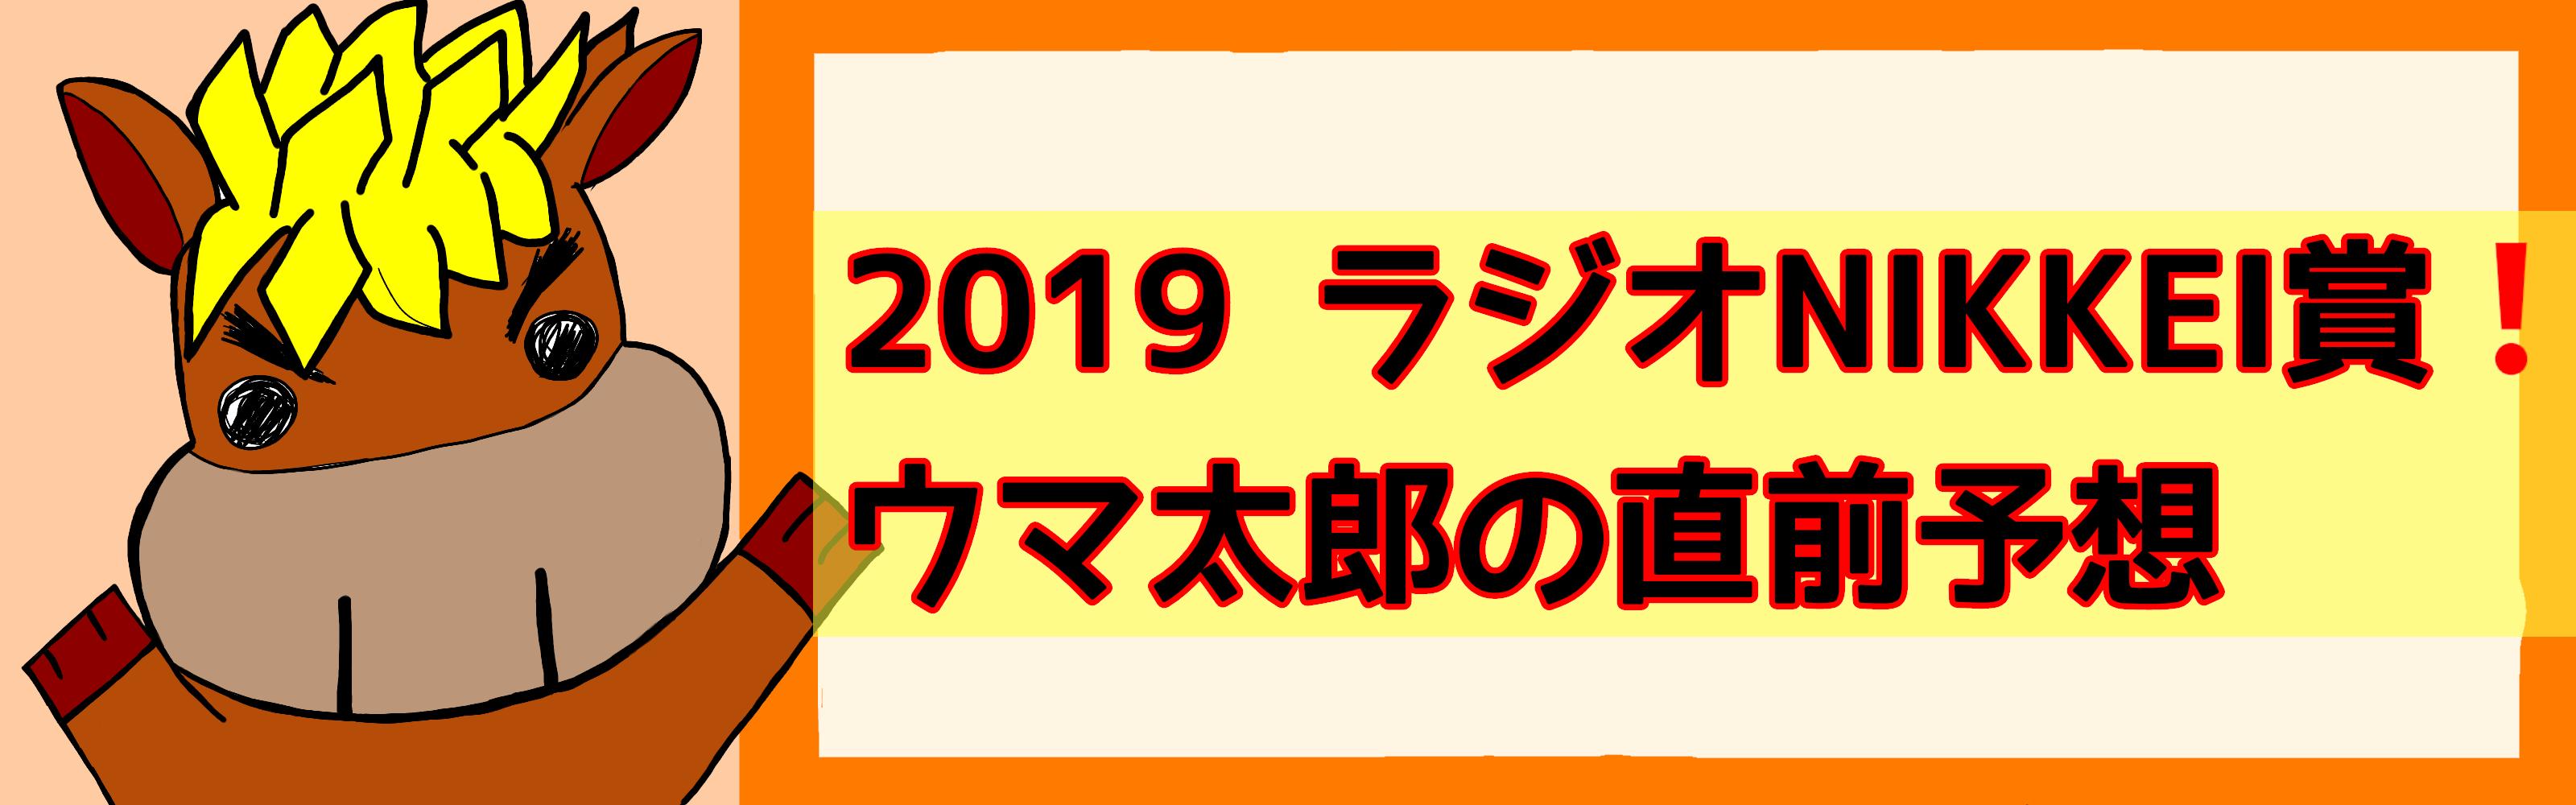 ラジオNIKKEI賞予想するよー!